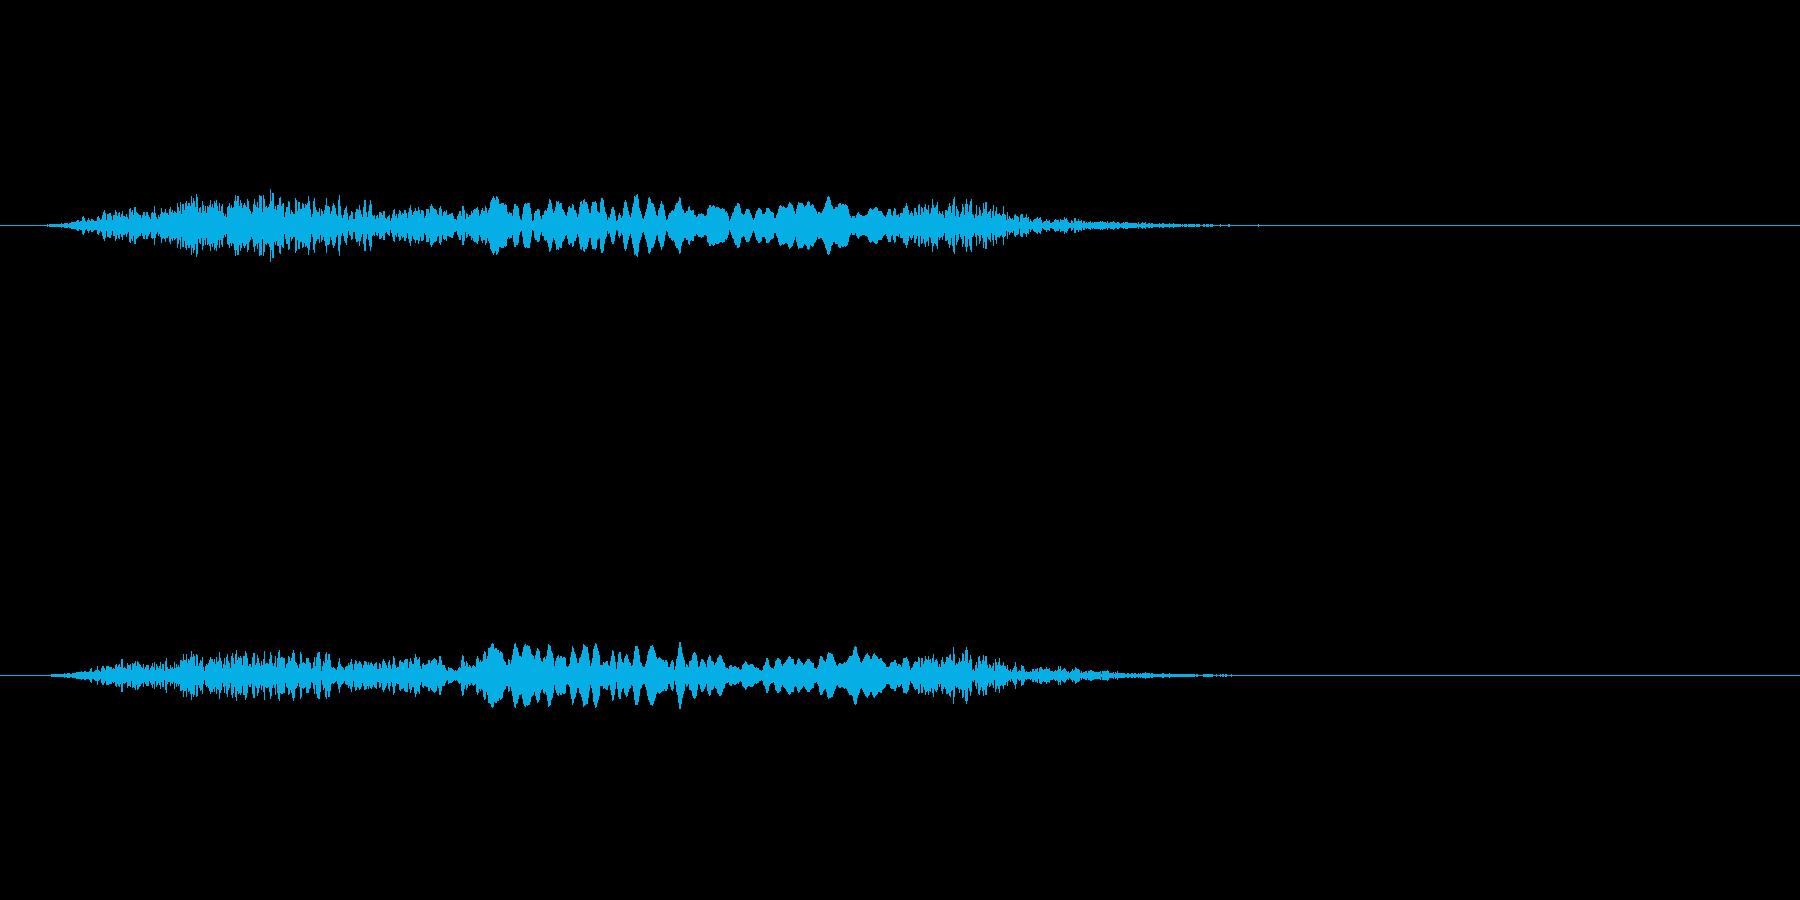 【絶叫 女性01-4】の再生済みの波形